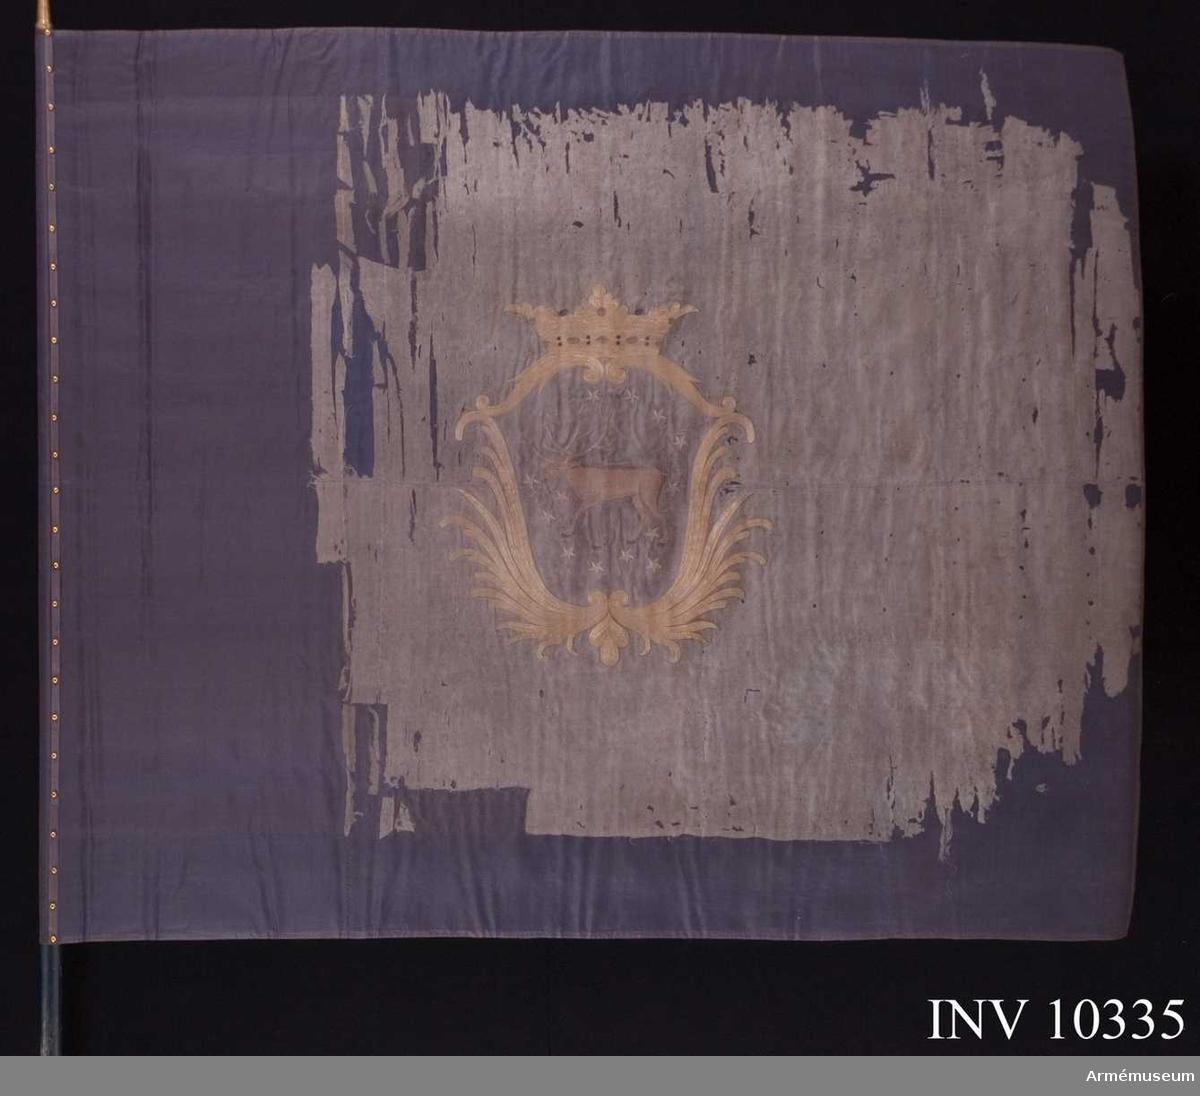 Grupp B I.  Kompanifana utlämnad år 1813 till Västerbottens regemente. Duk av blå sidenkypert med, lika på båda sidor, i silke broderat Västerbottens vapen: en ren, brun i blått fält med strödda gula stjärnor. Däromkring stiliserade palmkvistar, bildande en sköld, krönt av en öppen krona i gult silke med rött foder samt stenar i silver och rött och blått silke; kantad med blått sidenband, fäst med liknande band och förgyllda spikar. Duken i två våder.  Stång av furu, slät, blåmålad, snett avsågad, diameter nedtill 36 mm, till dukens undersida 1,40 m. Holk av förgylld mässing. Spets av förgylld mässing, blad med Carl XIV Johans krönta namnchiffer, infattat av två lyrformigt mot varandra böjda palmkvistar upptill förenade i en strålande sol. Längd 16 cm, bredd 7,4 cm. Spetsen förvaras i rullen.